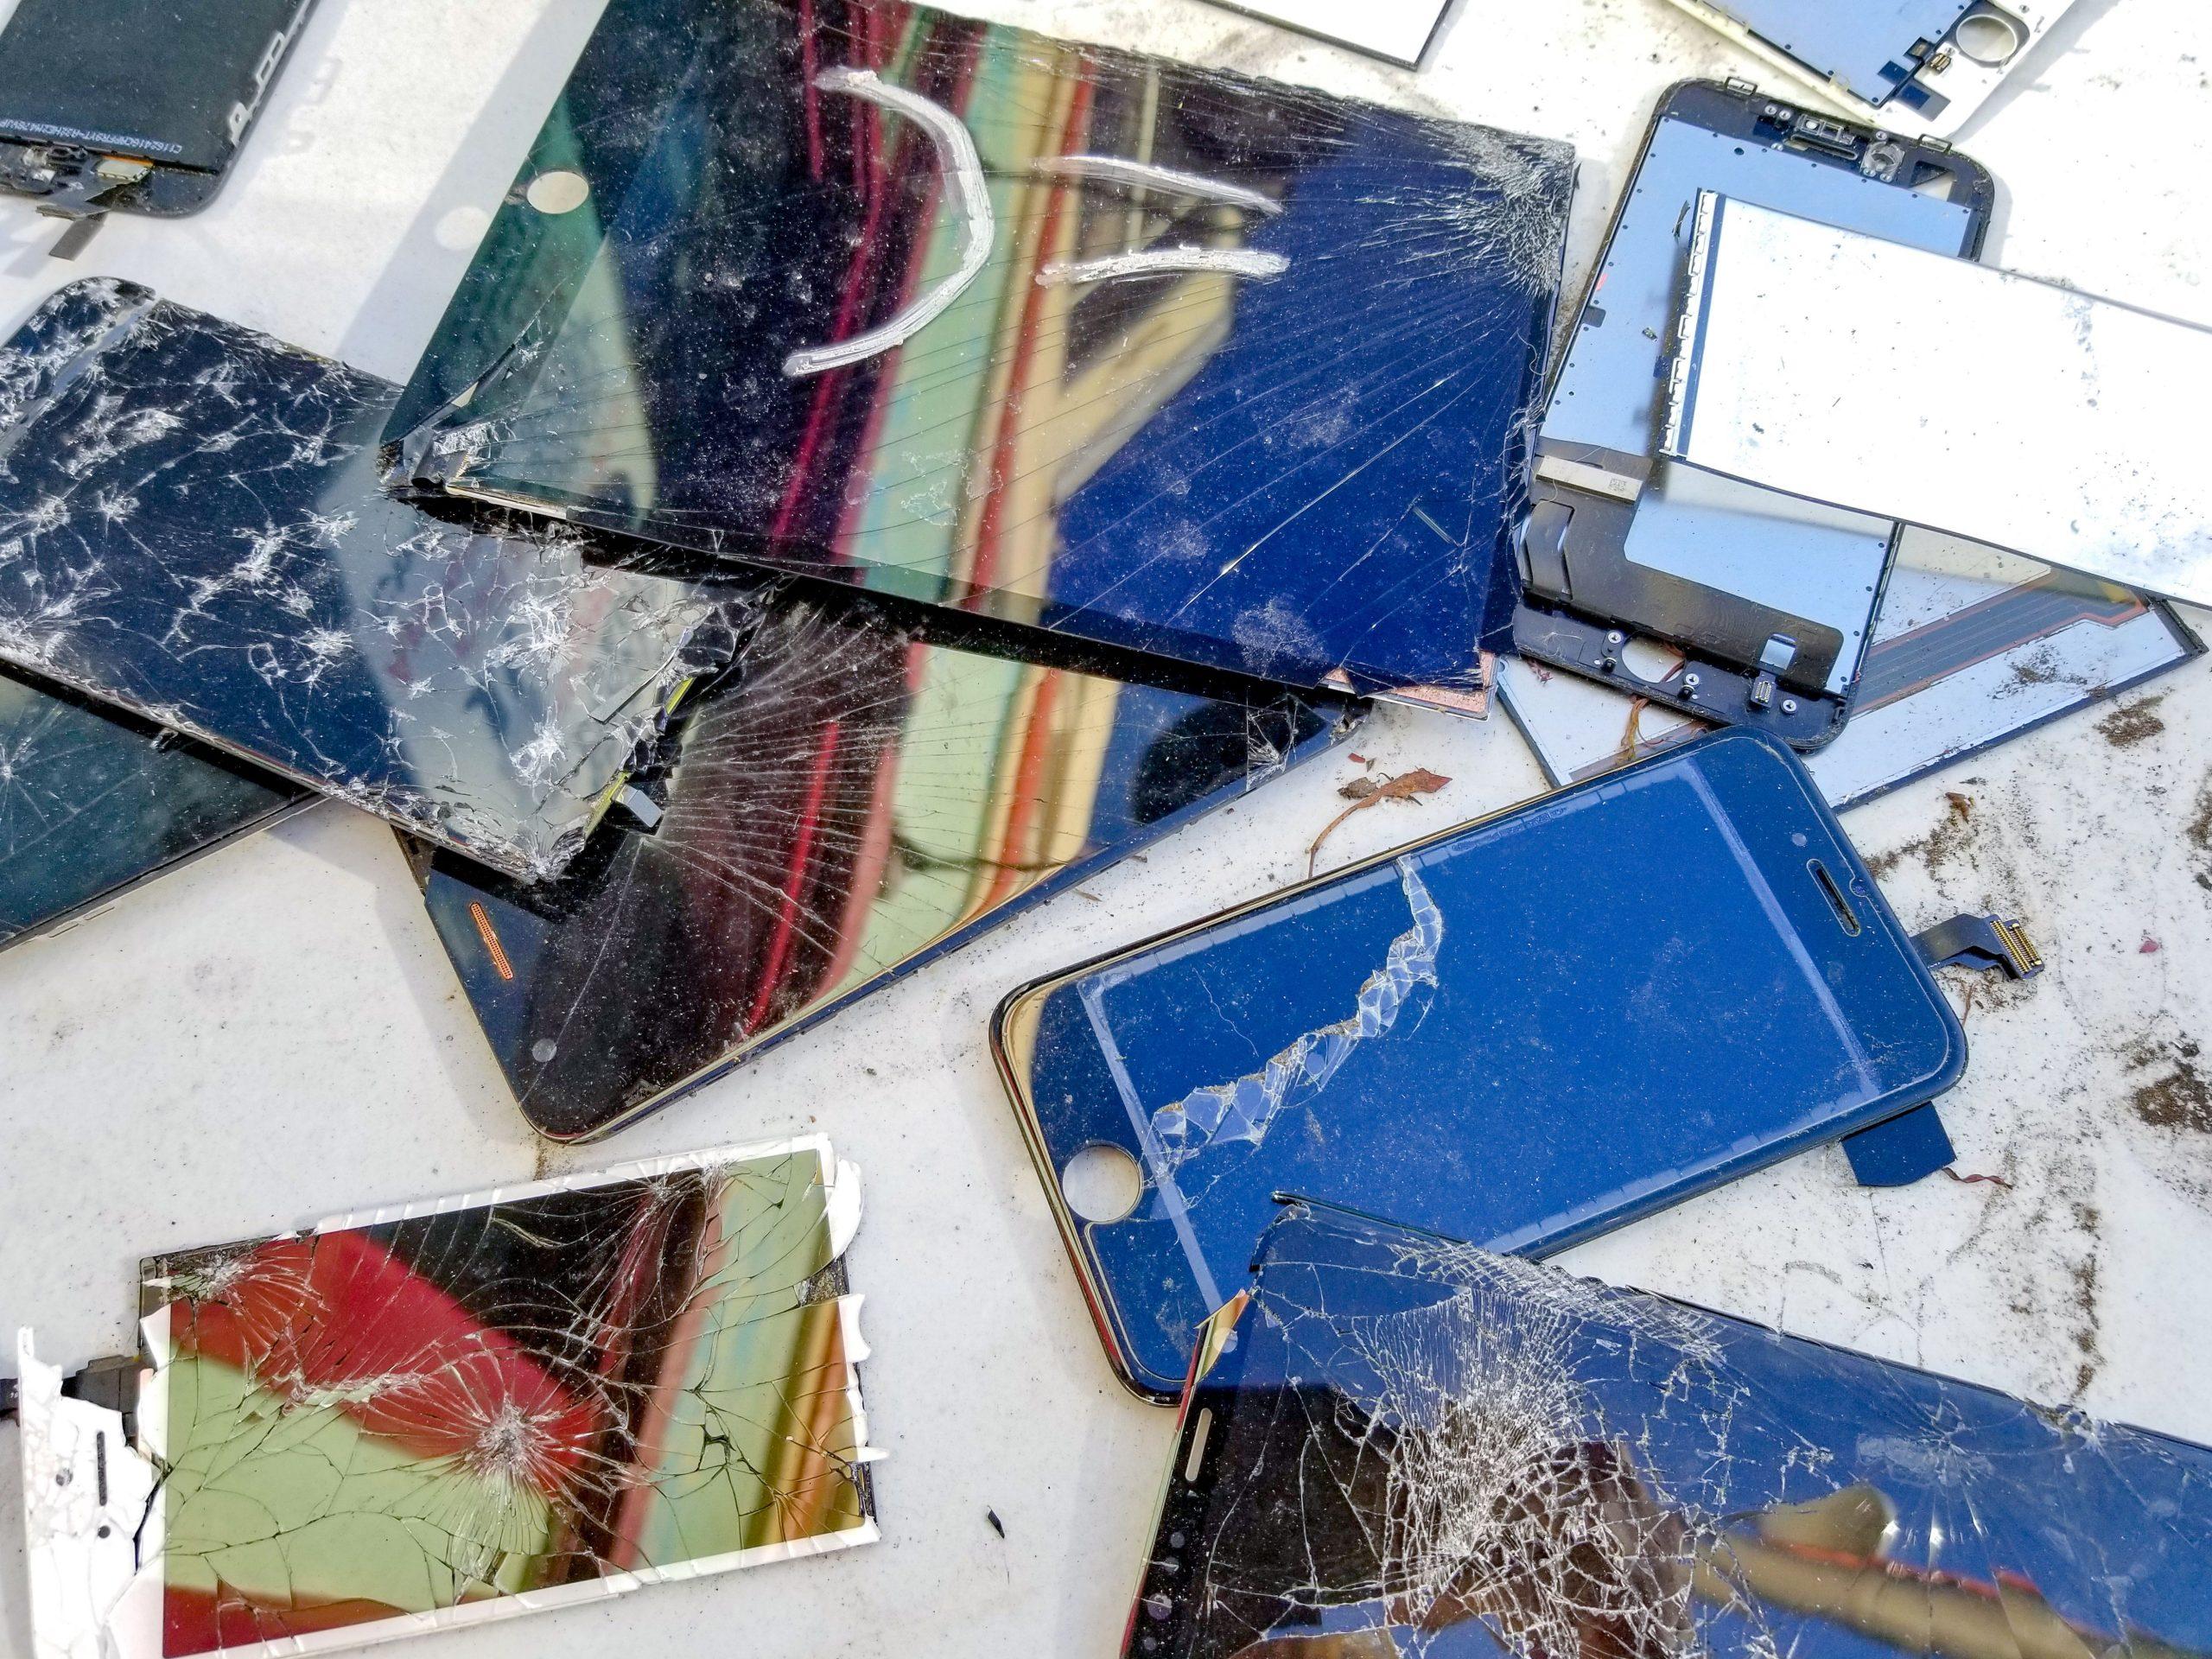 Comment réparer un écran de téléphone fissuré